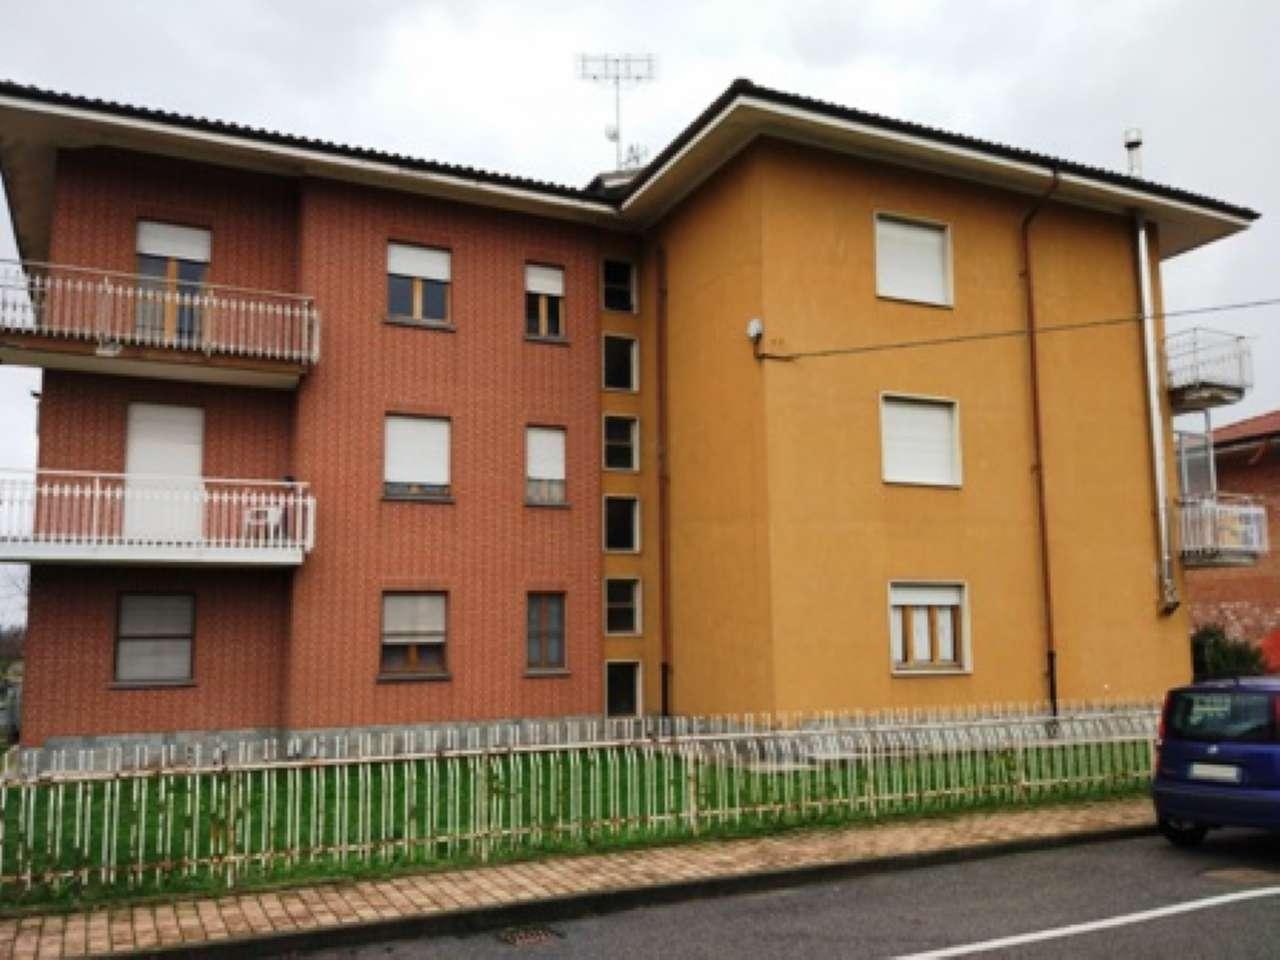 Appartamento in vendita a Rocca de' Baldi, 3 locali, prezzo € 68.000 | CambioCasa.it